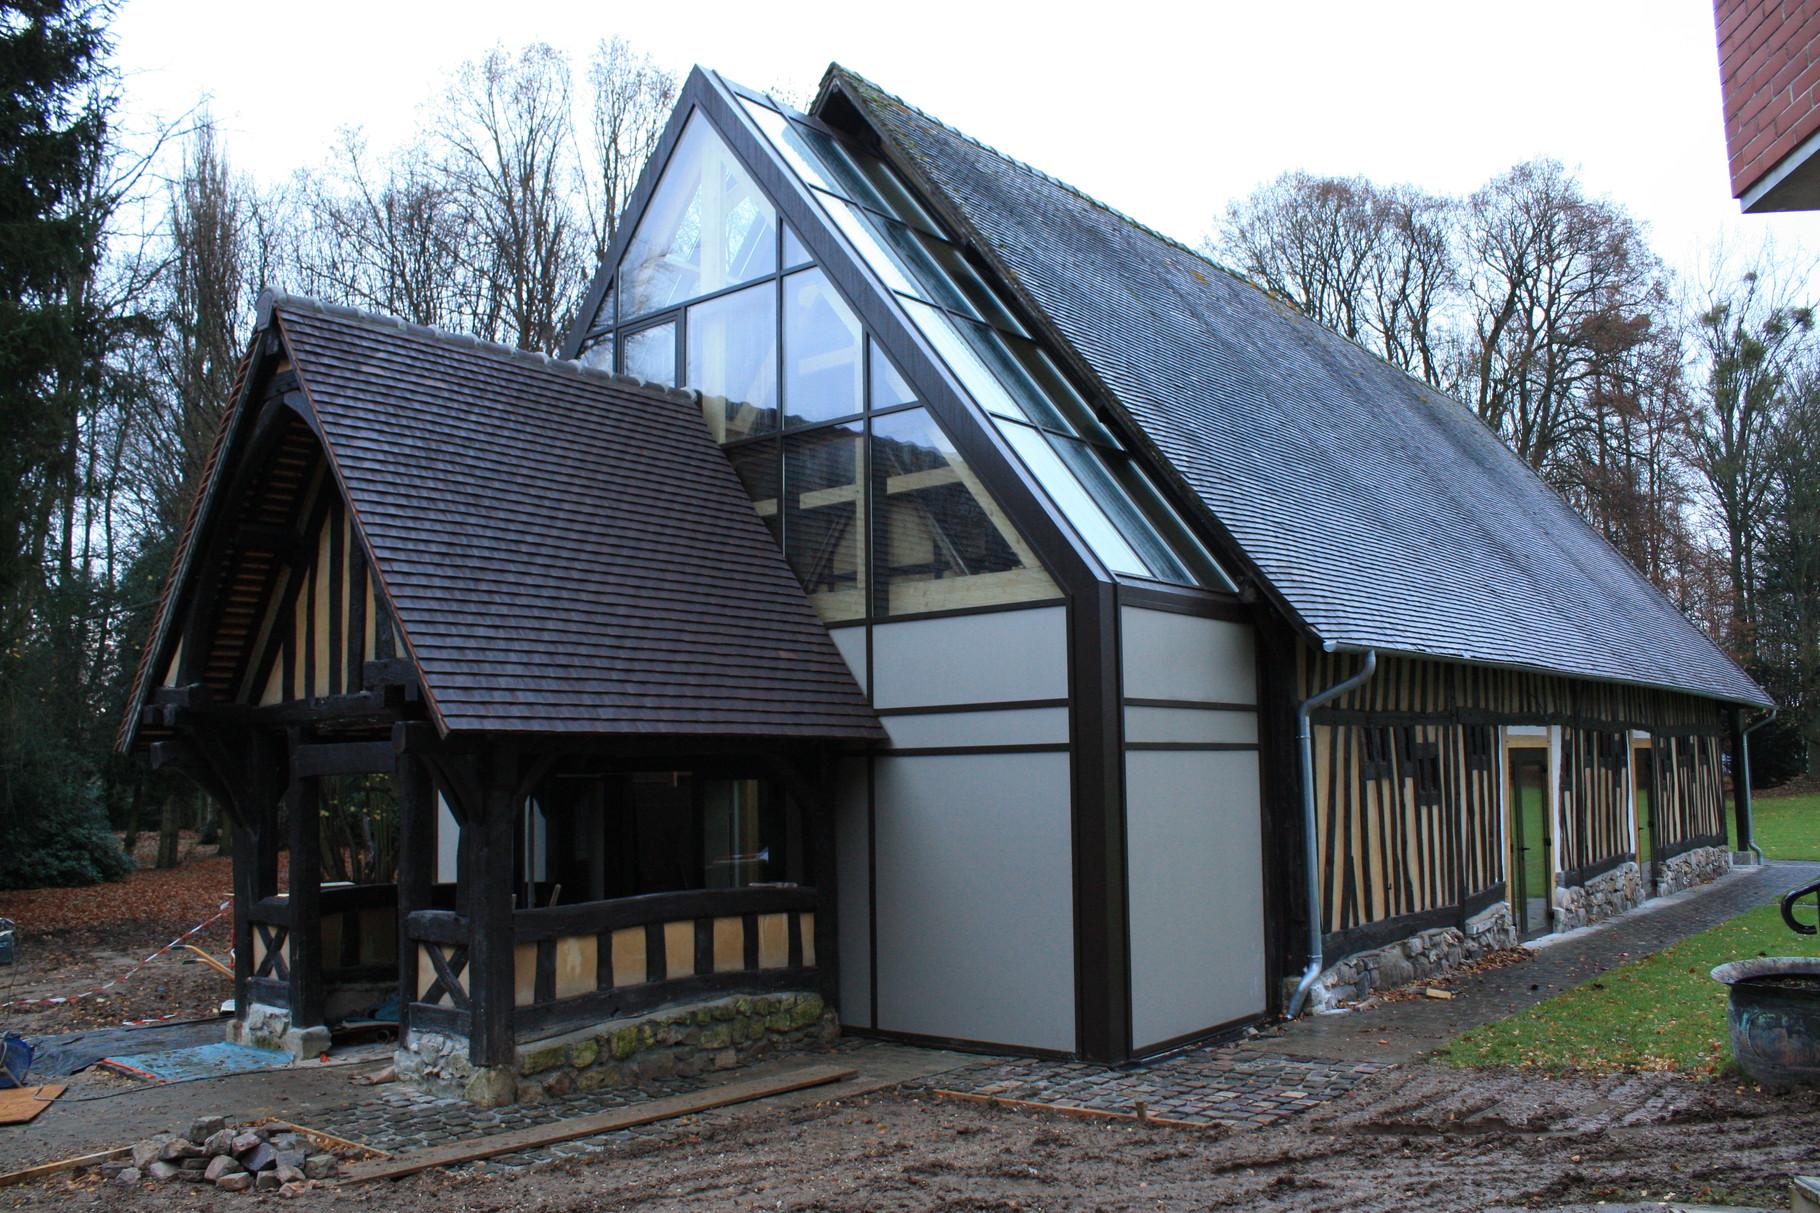 Réhabilitation et extension de La chapelle Mambré à SAINT JACQUES SUR DARNETAL (76160) - ARCHIDUAL (Roncherolles sur le Vivier)